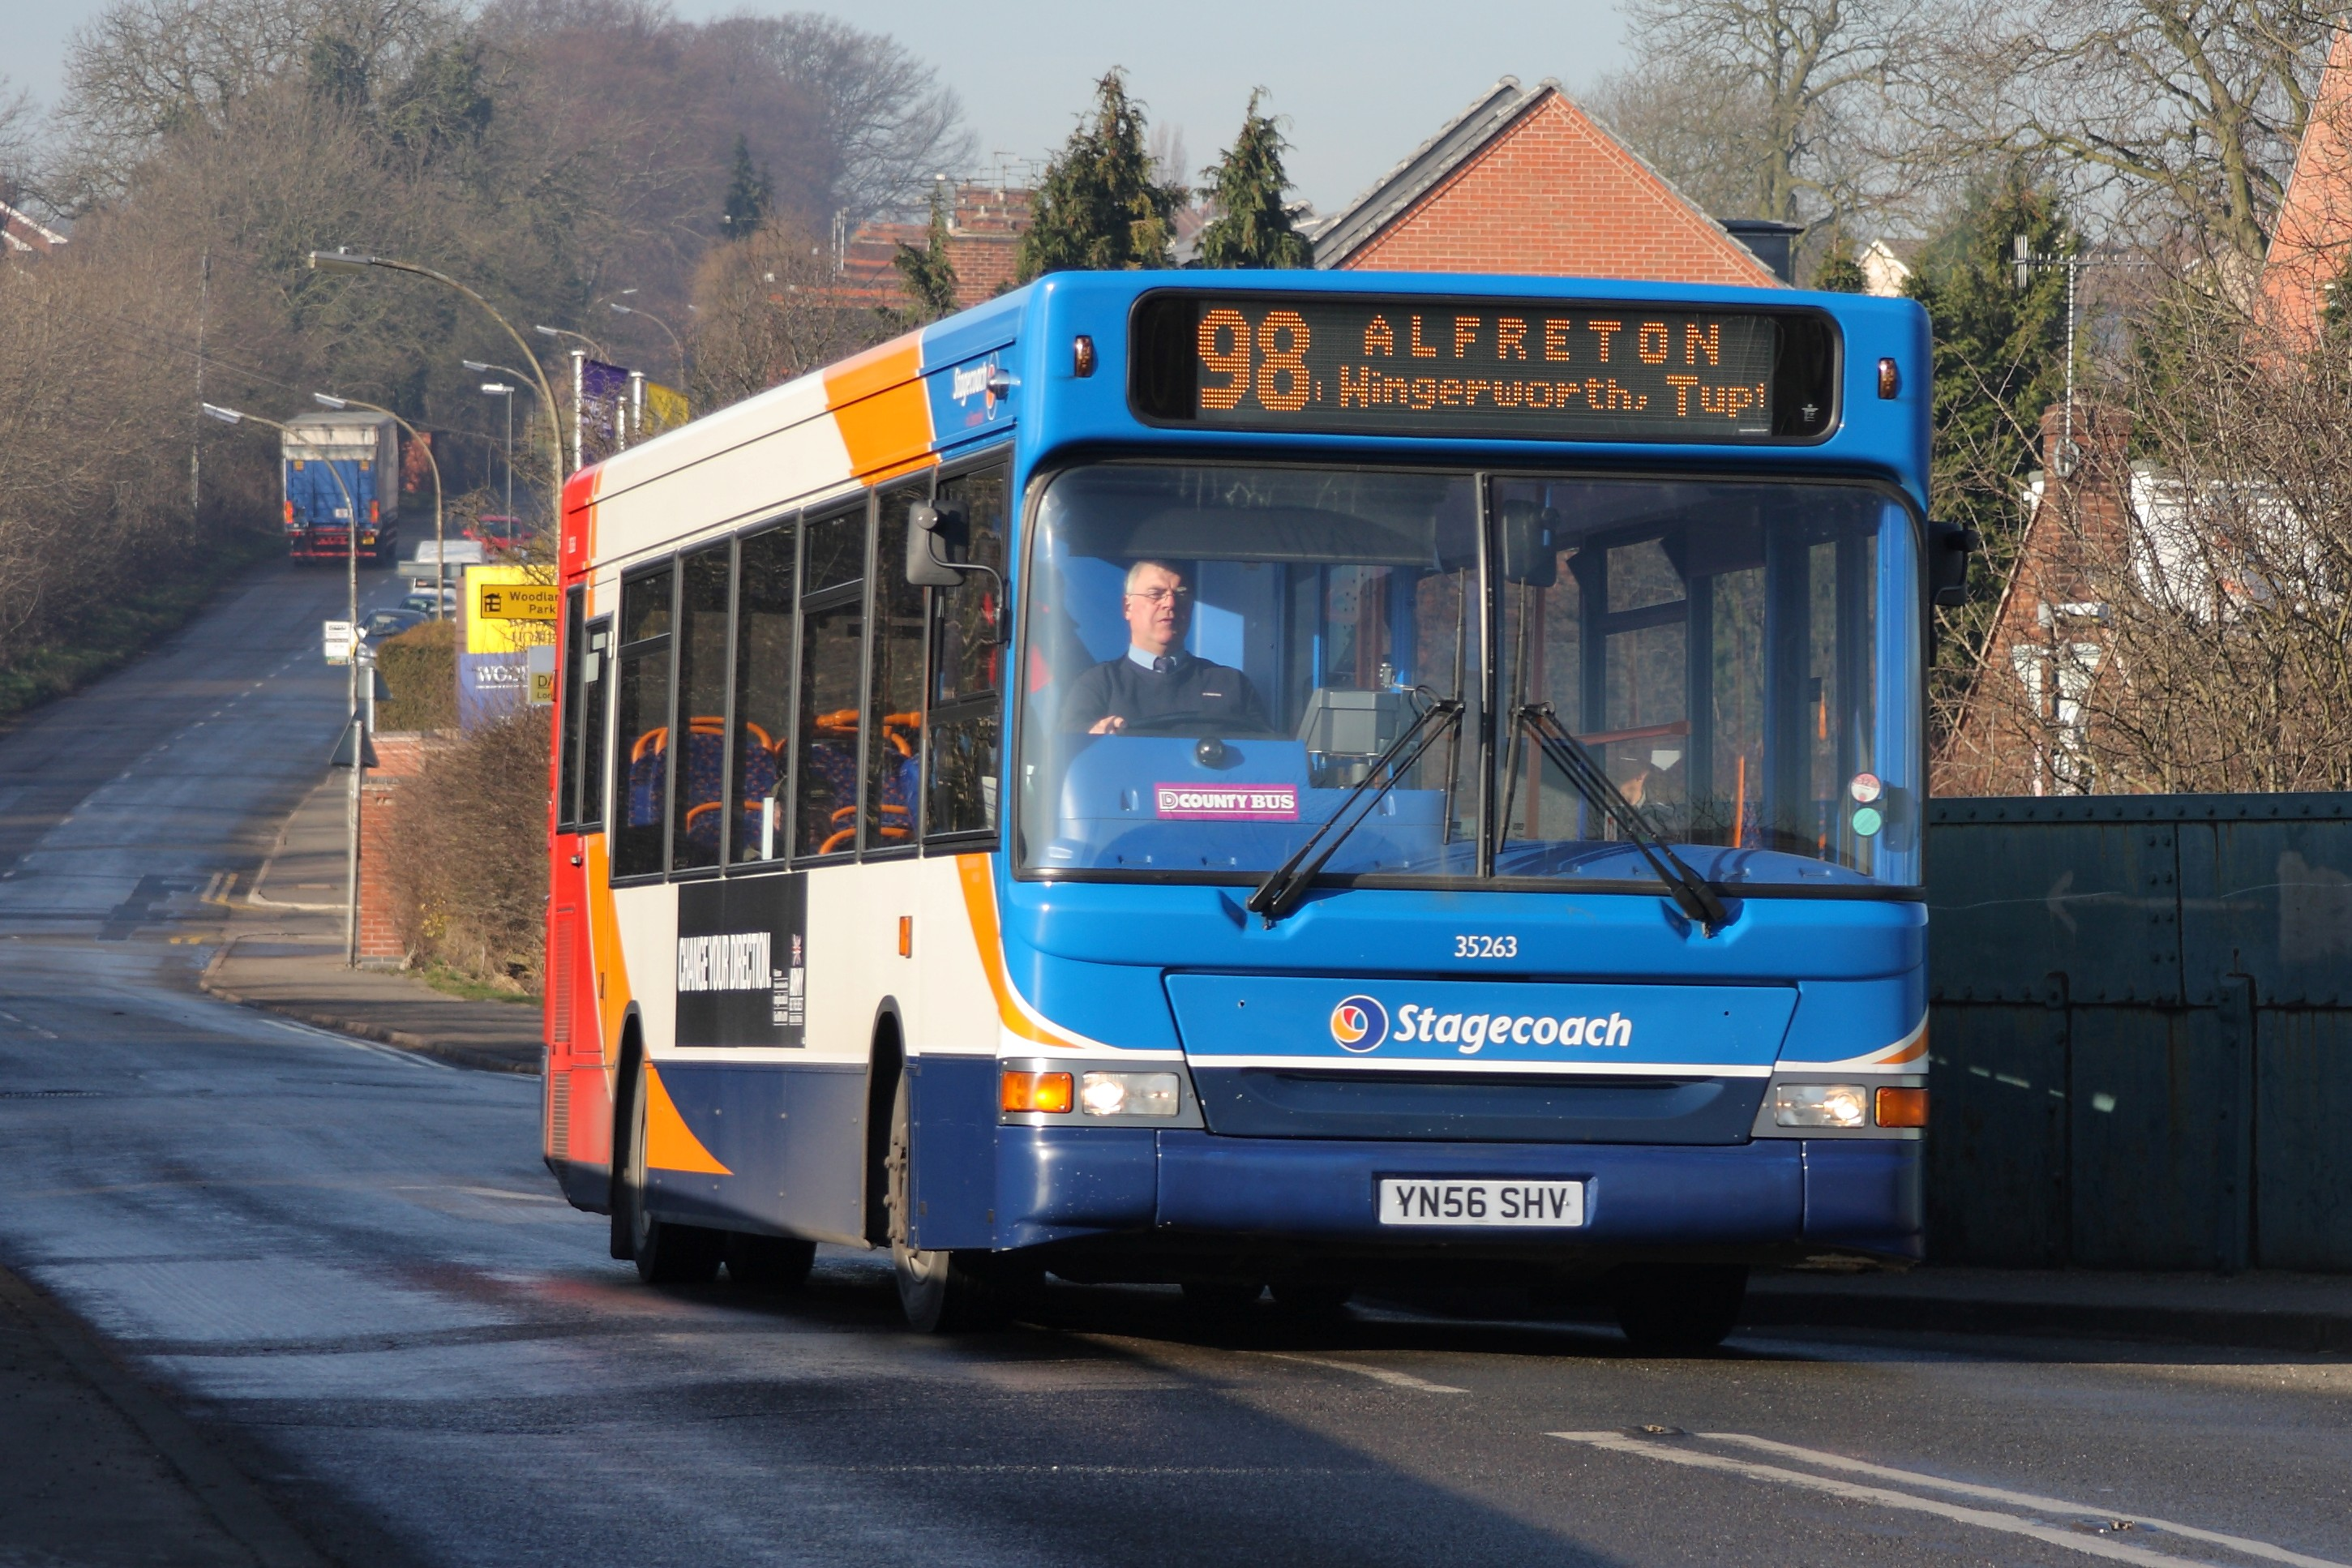 K Chesterfield File:Stagecoach Chesterfield bus 35263, Dennis Dart Plaxton Pointer ...